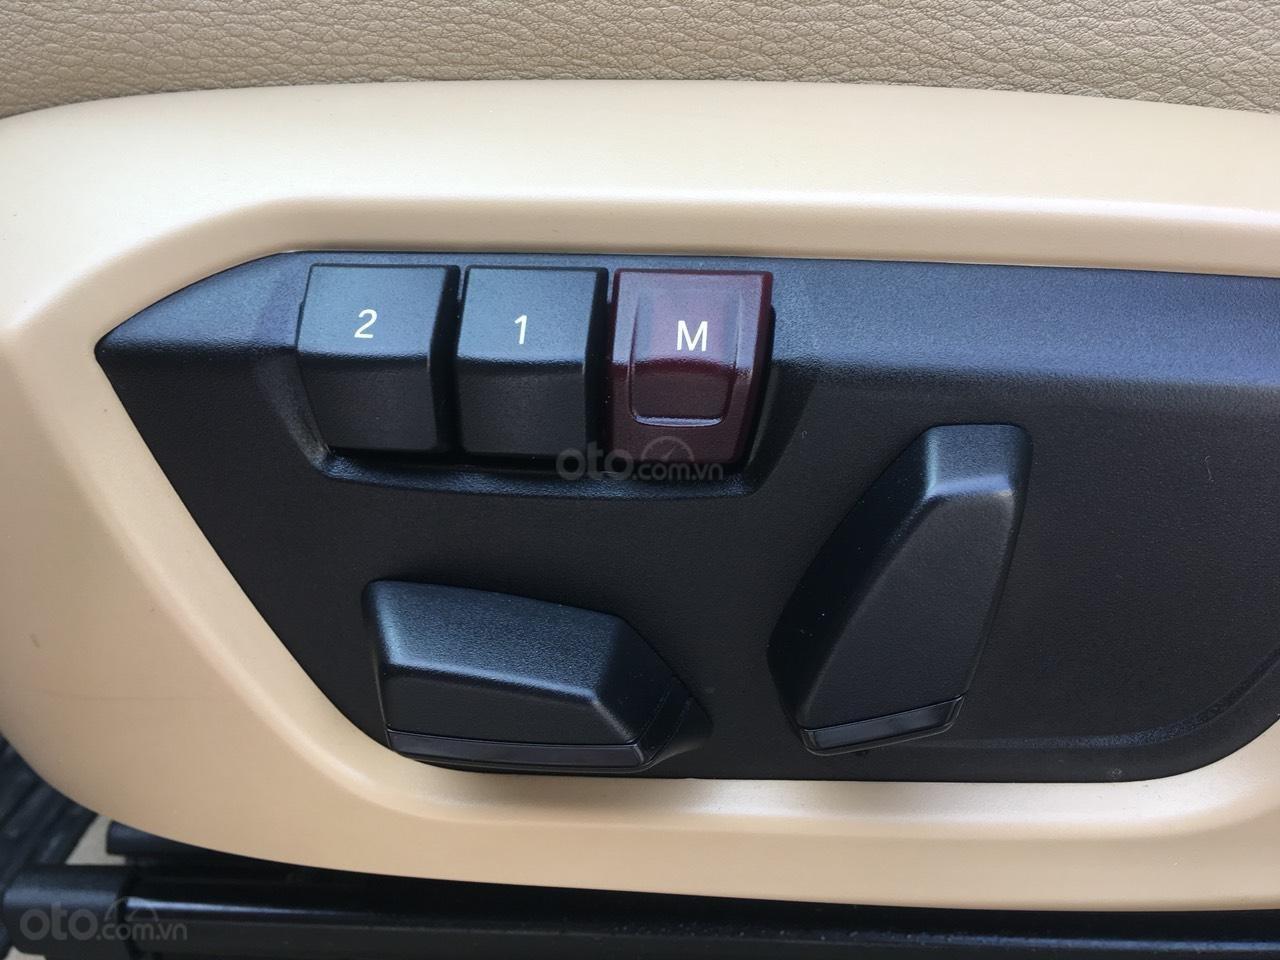 BMW X3 model 2015, máy dầu hàng độc (9)